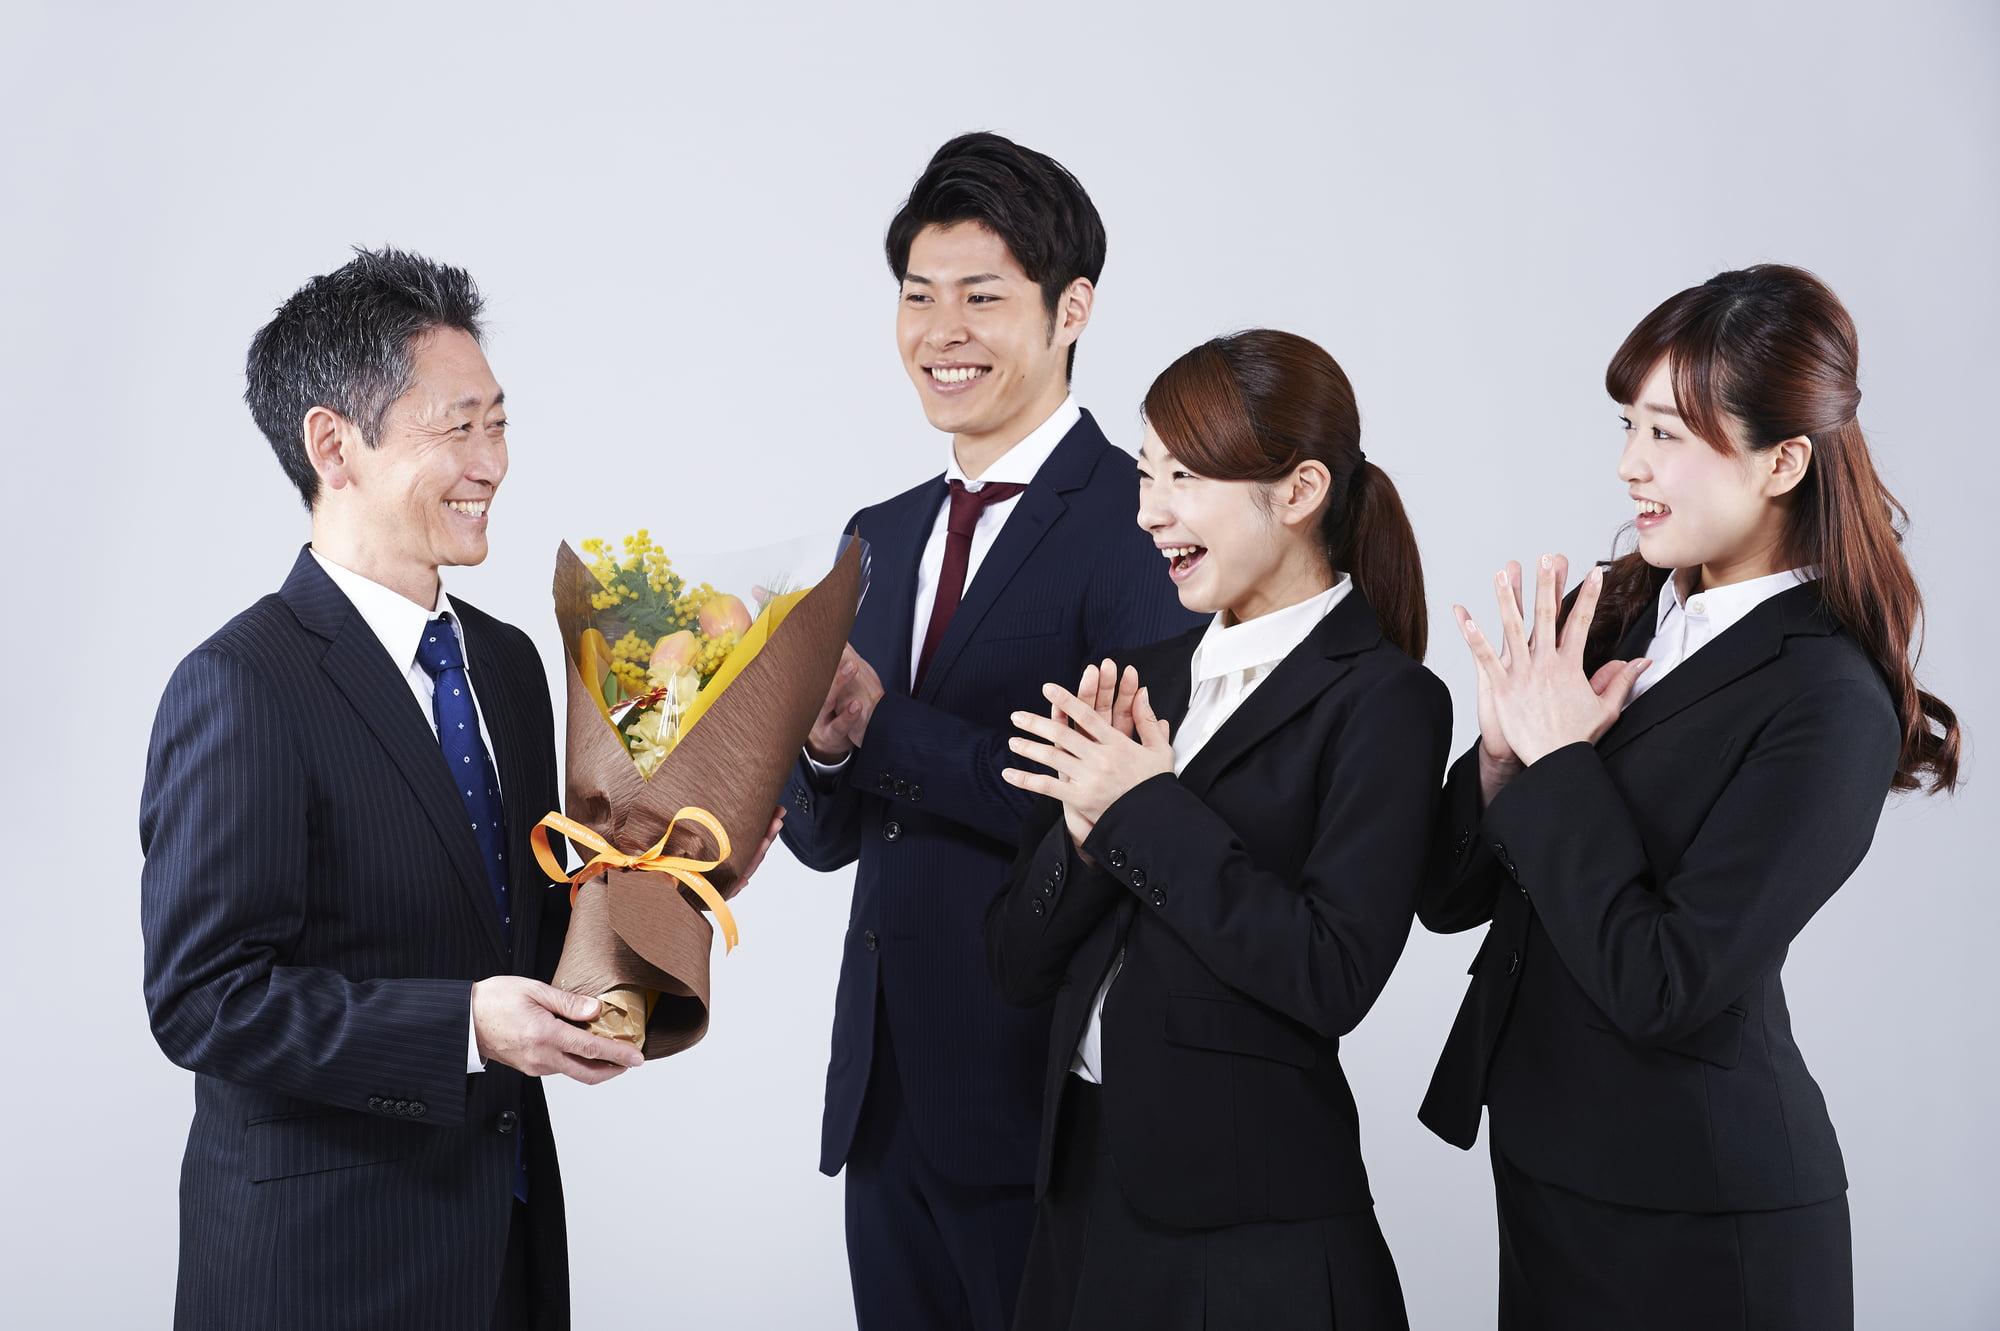 派遣-円満に退職する男性派遣社員